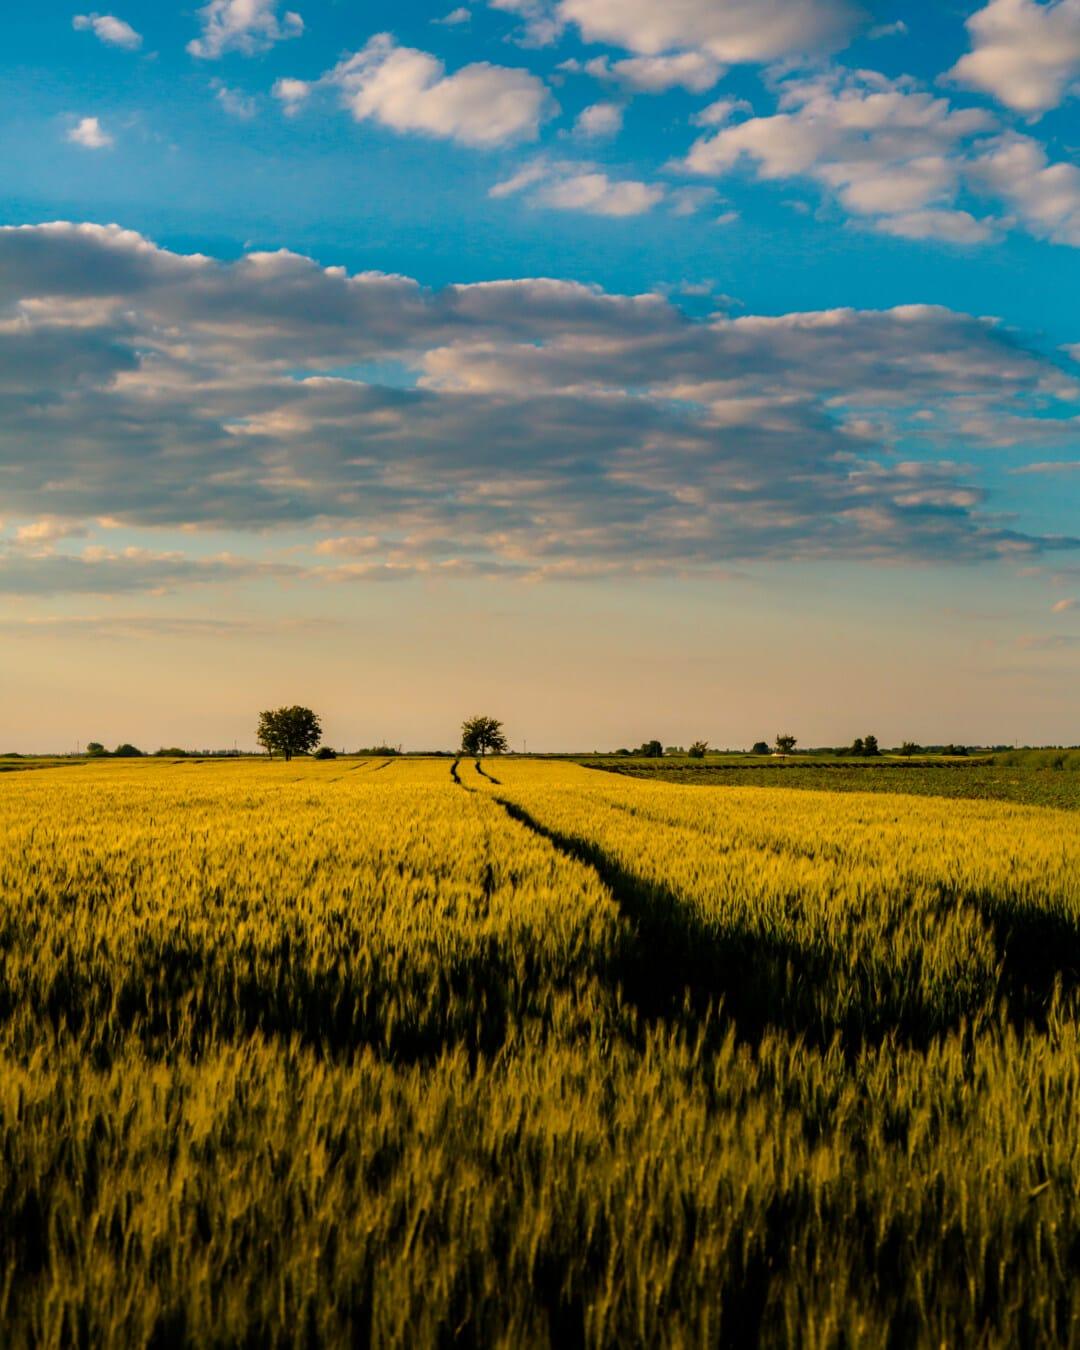 Landschaft, Weizenfeld, Landwirtschaft, Landschaft, Feld, Bauernhof, des ländlichen Raums, Raps, Ernte, Sonnenuntergang